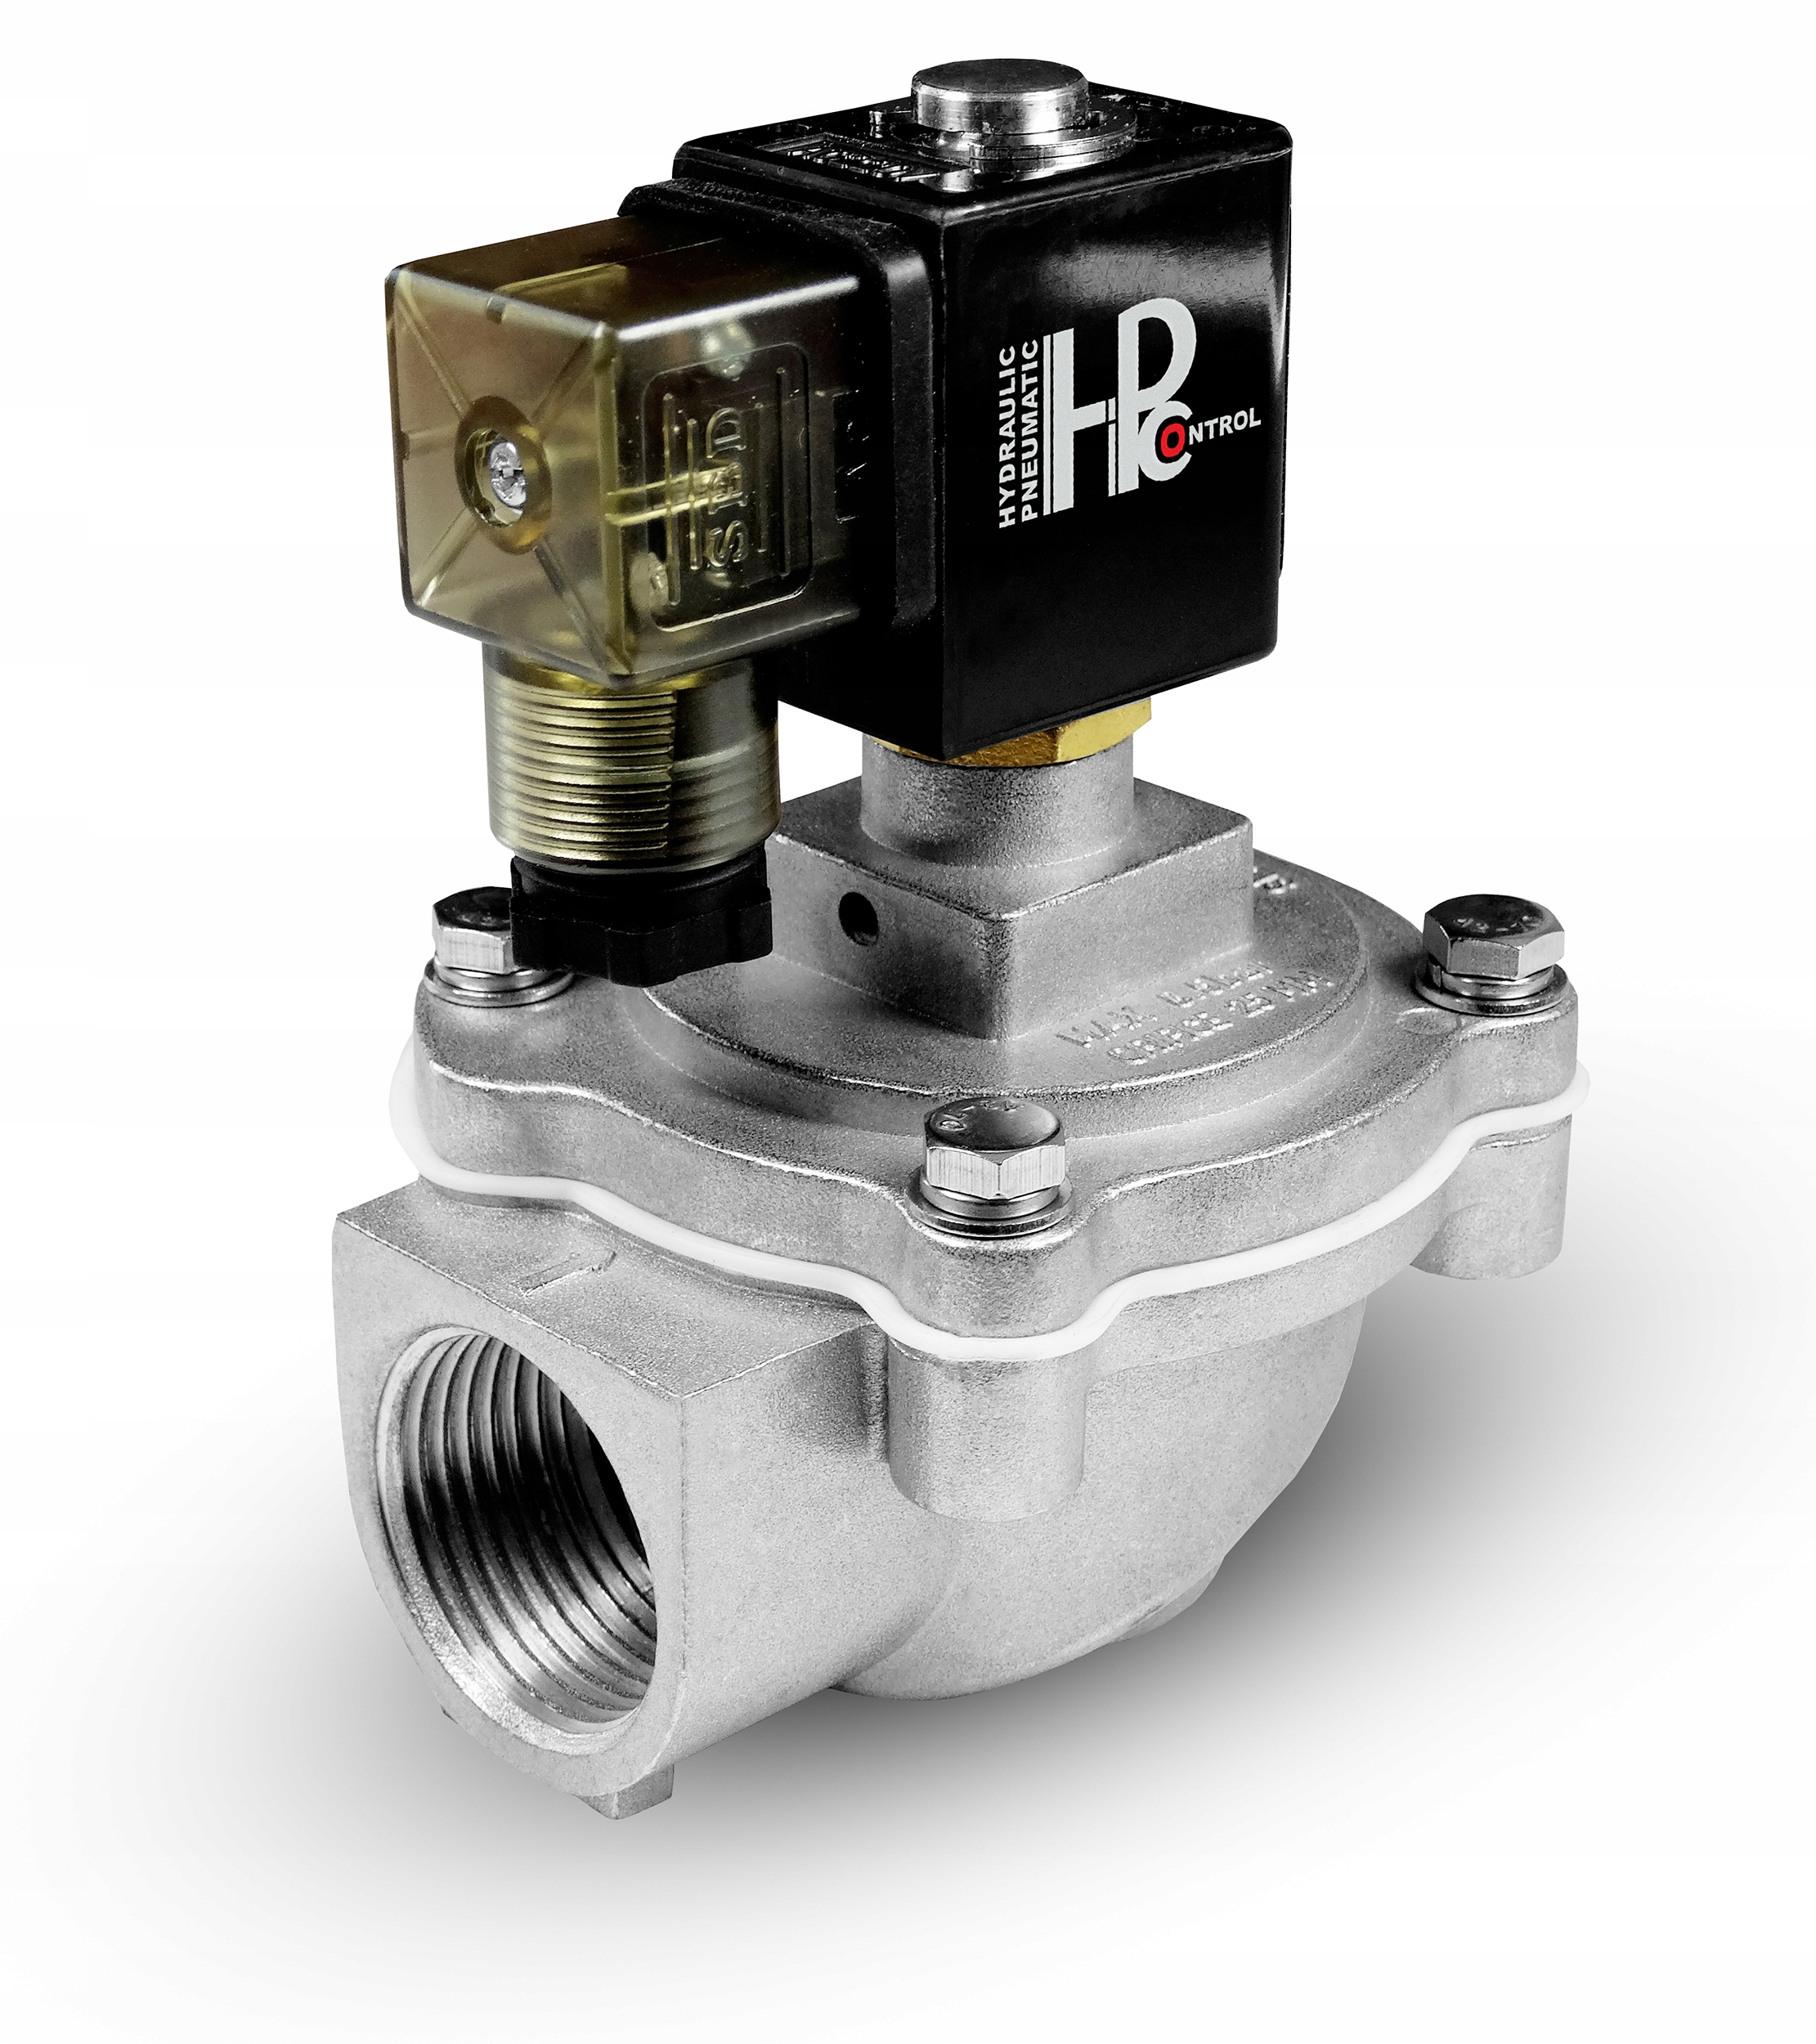 Elektrozawór impulsowy czyszczenia filtrów 1 cal